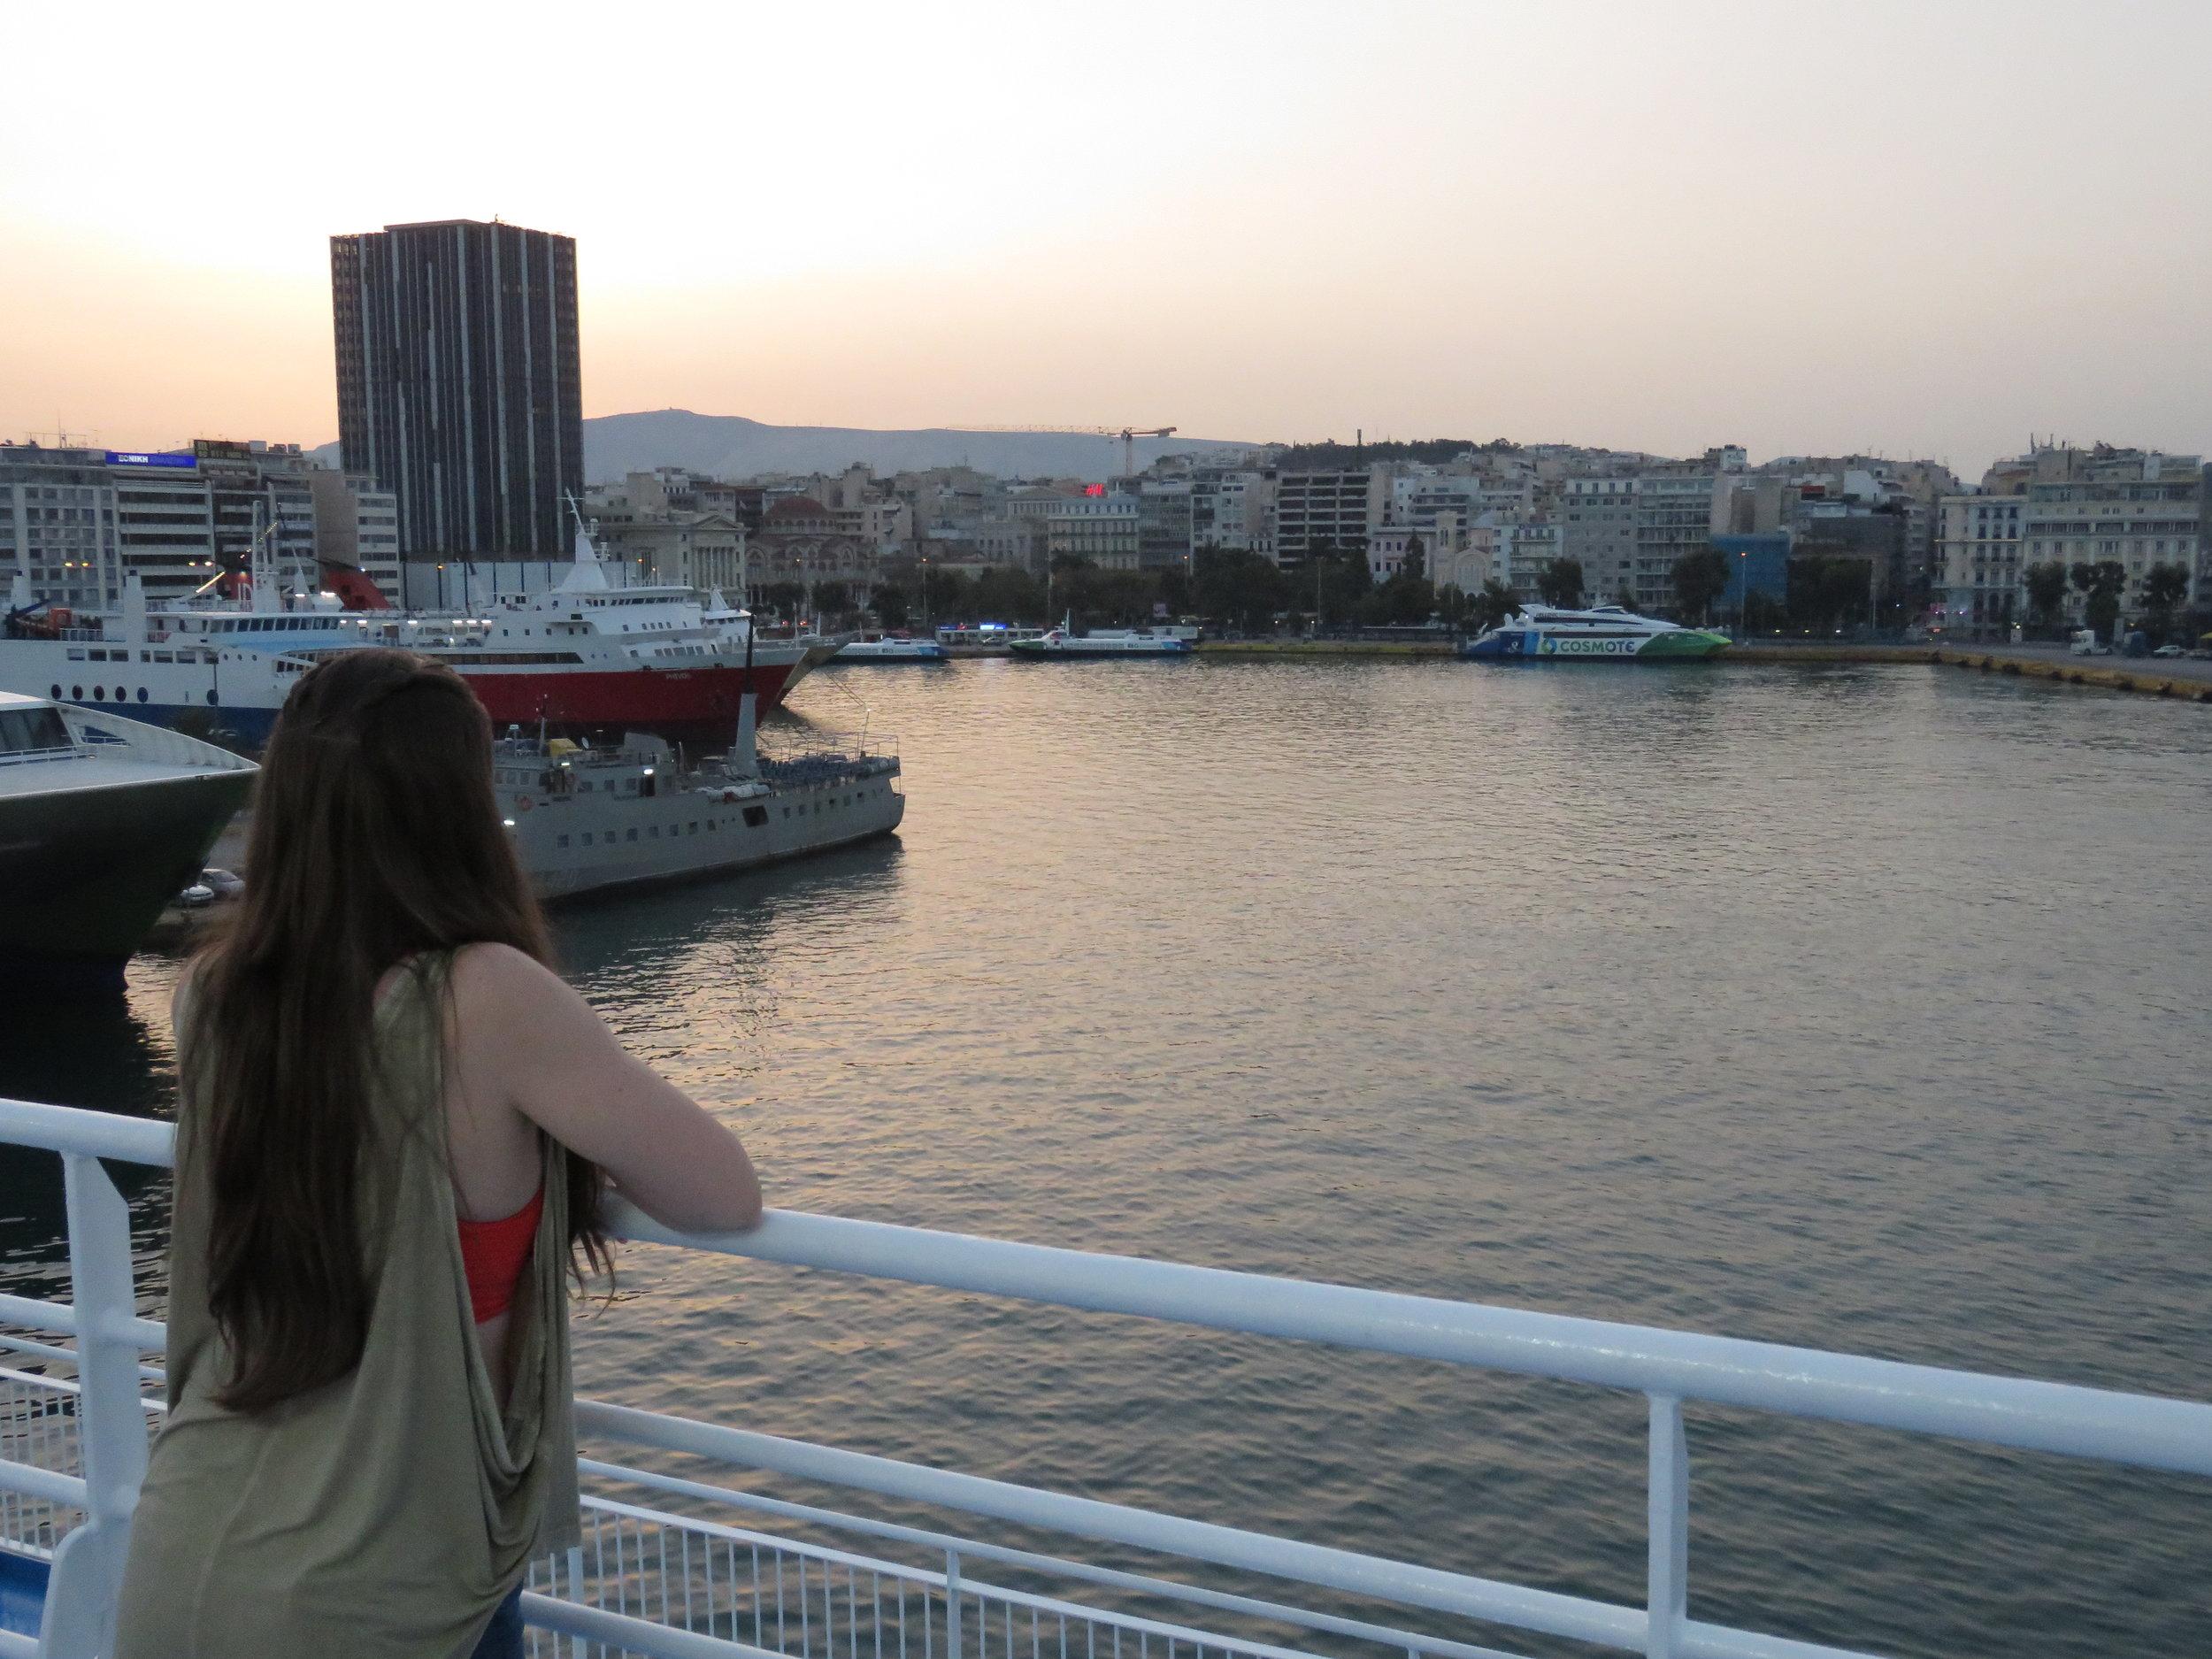 7am at Piraeus Port | Photograph by Alexander Bateman